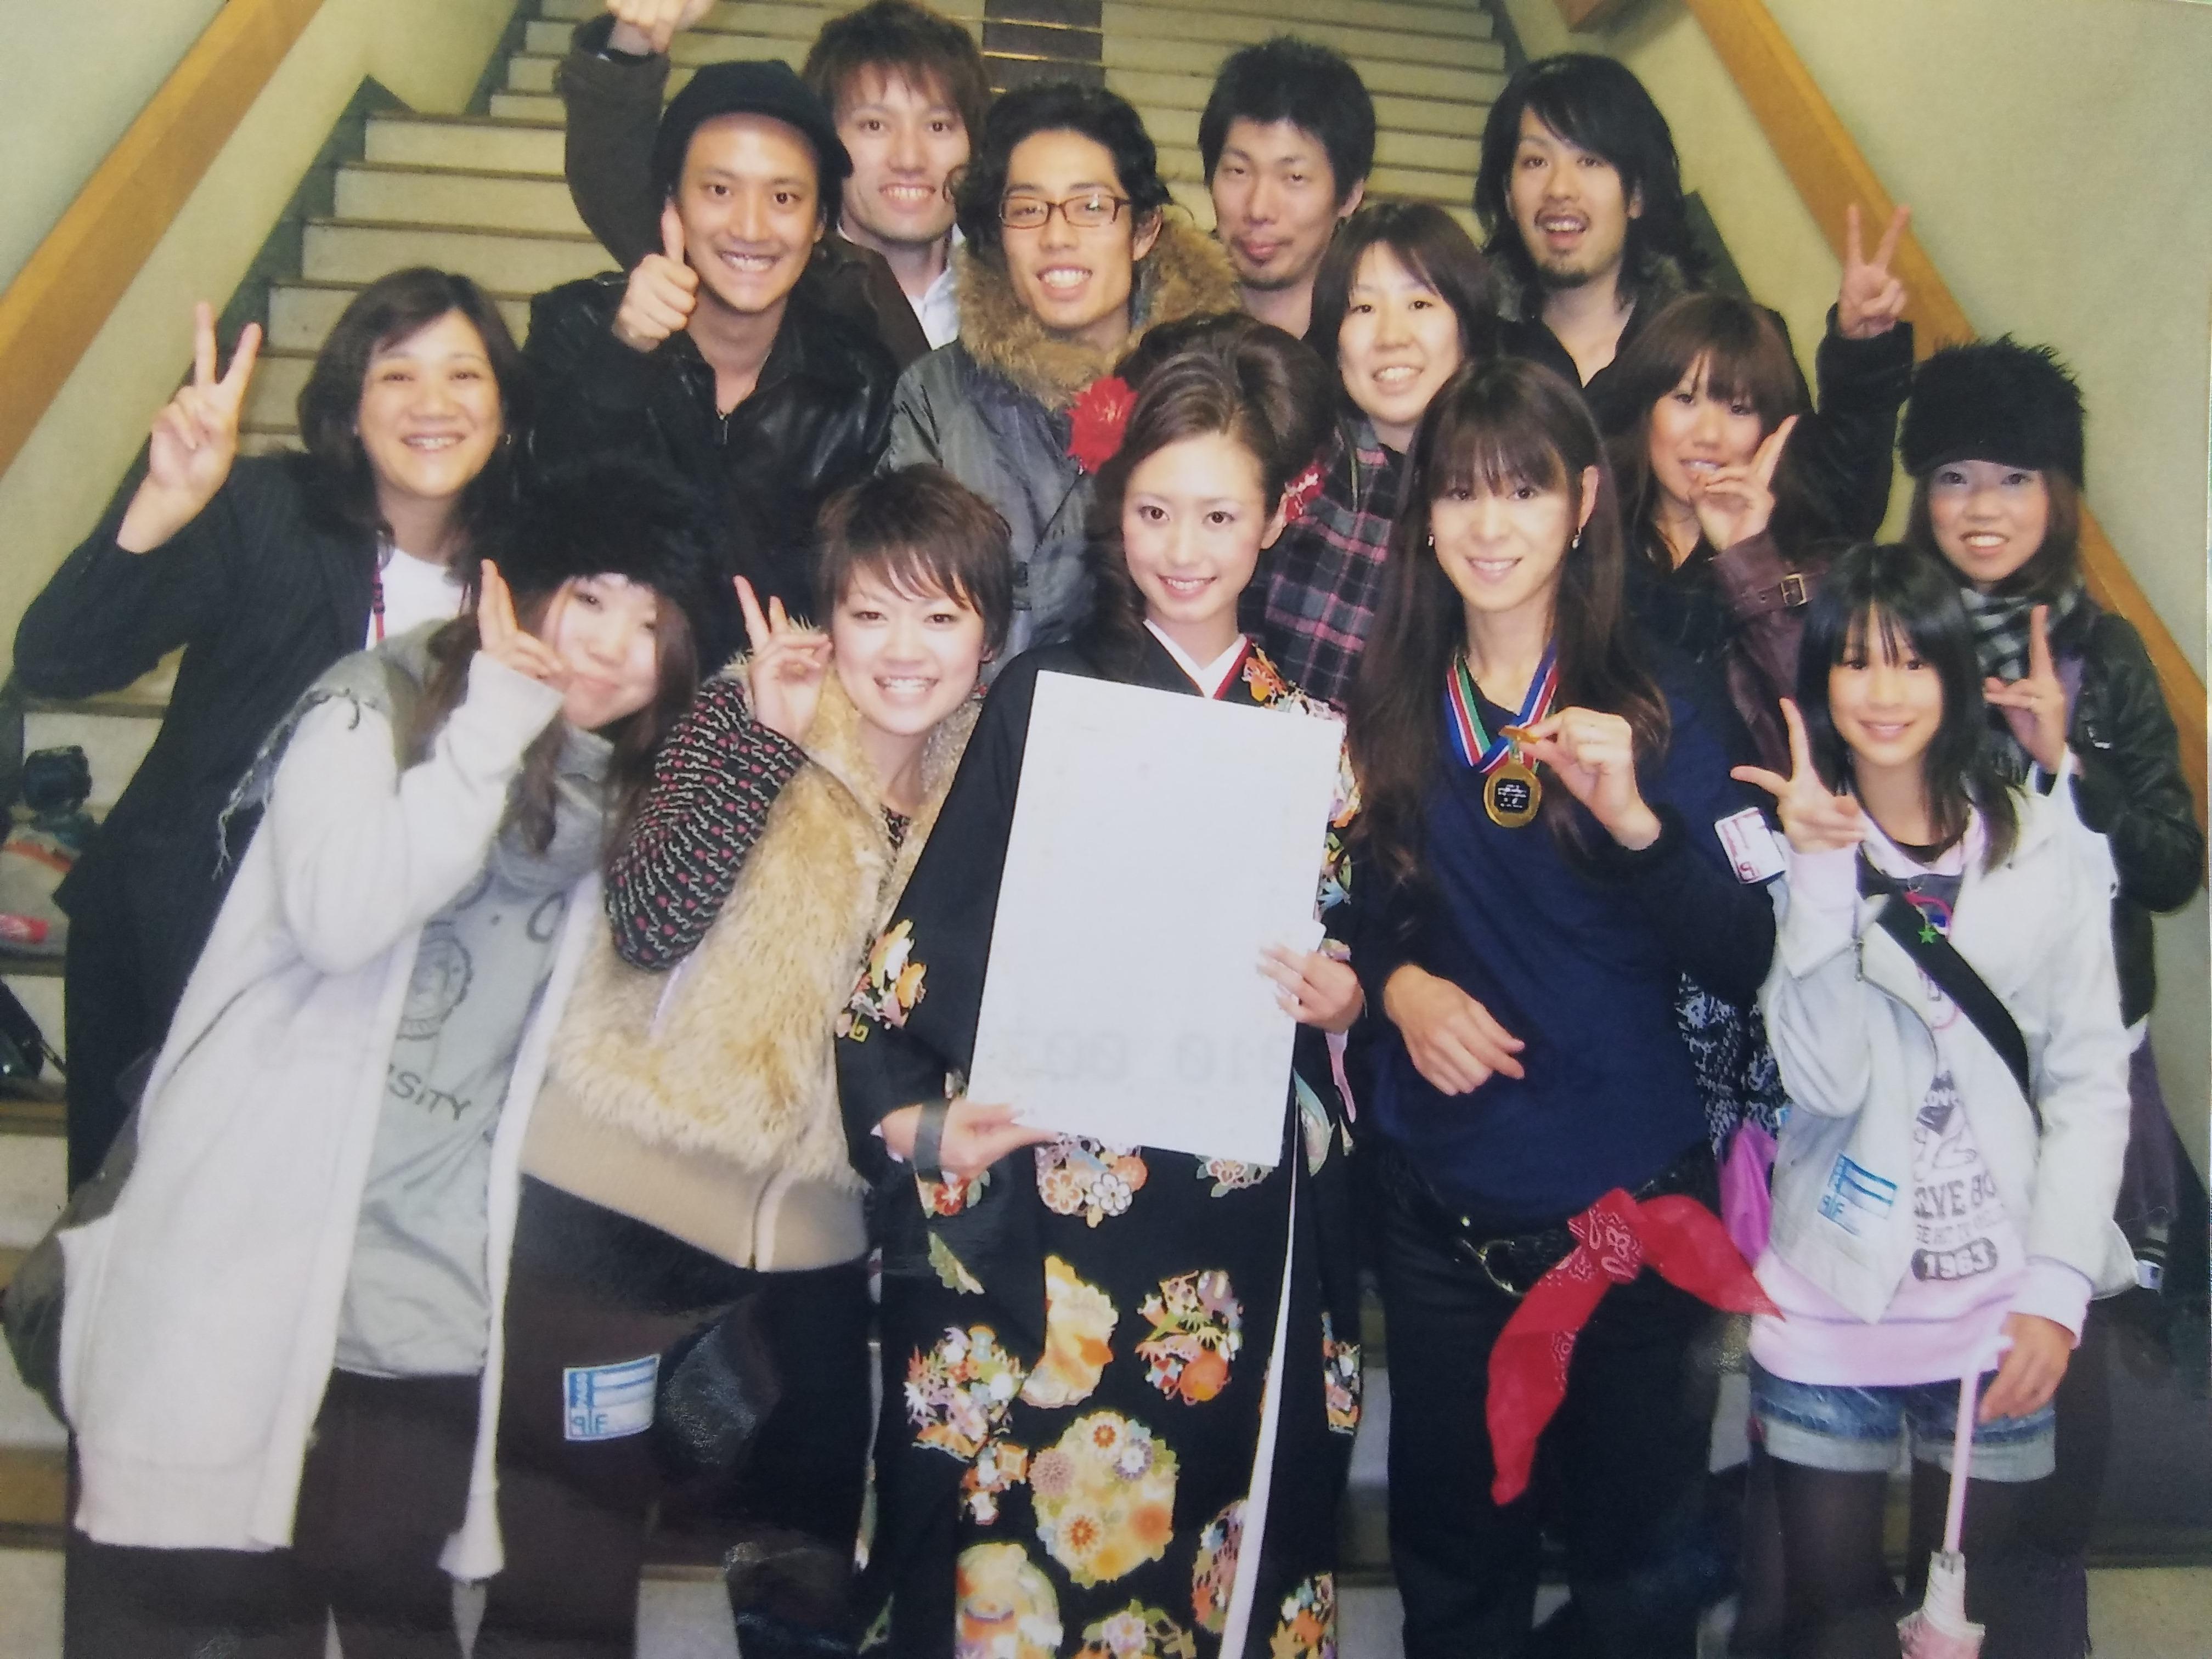 スタッフの山野さんは、自己流だった着付けを会社のサポートにより本格的に学べることに。「SPC JAPAN全日本理美容選手権全国大会」の振袖ヘア&メイク&着付部門で全国3位に入賞した